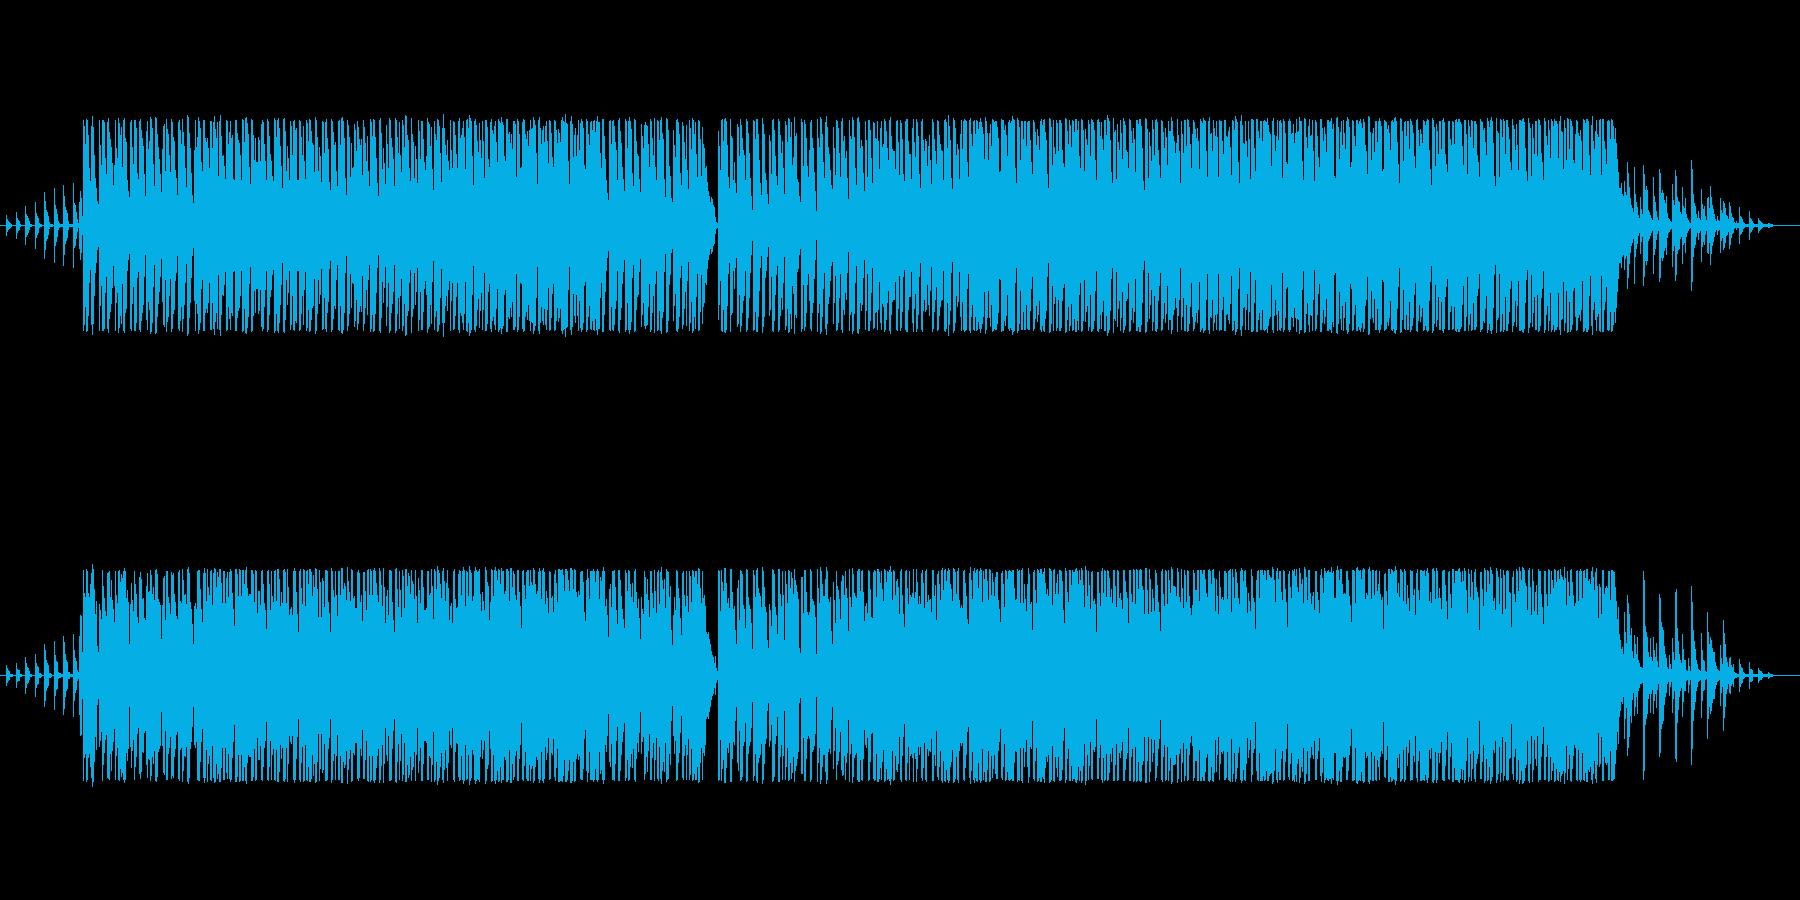 変拍子・ポリリズムのピアノソロの再生済みの波形